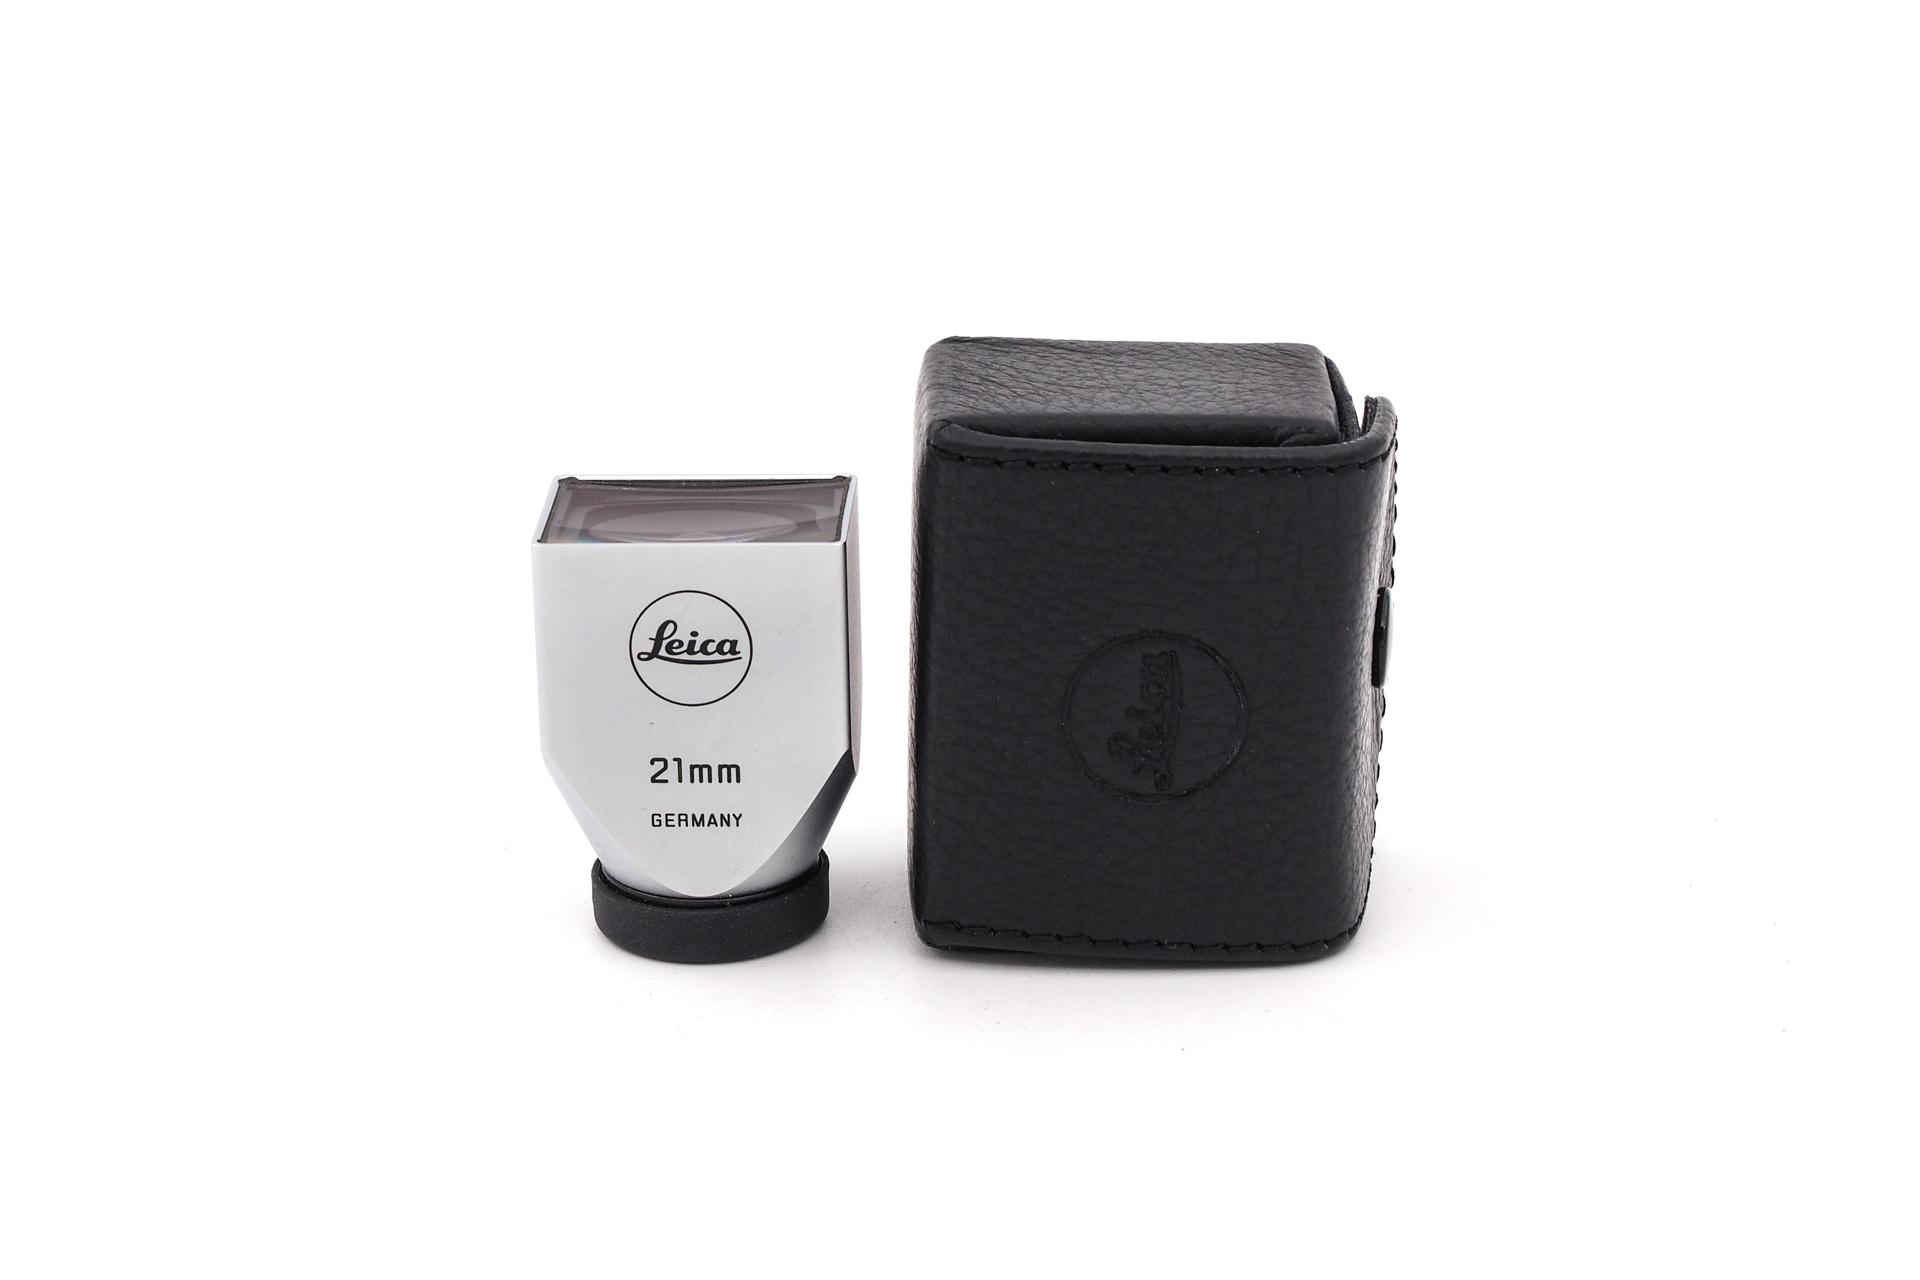 Leica 21mm Sucher 12025